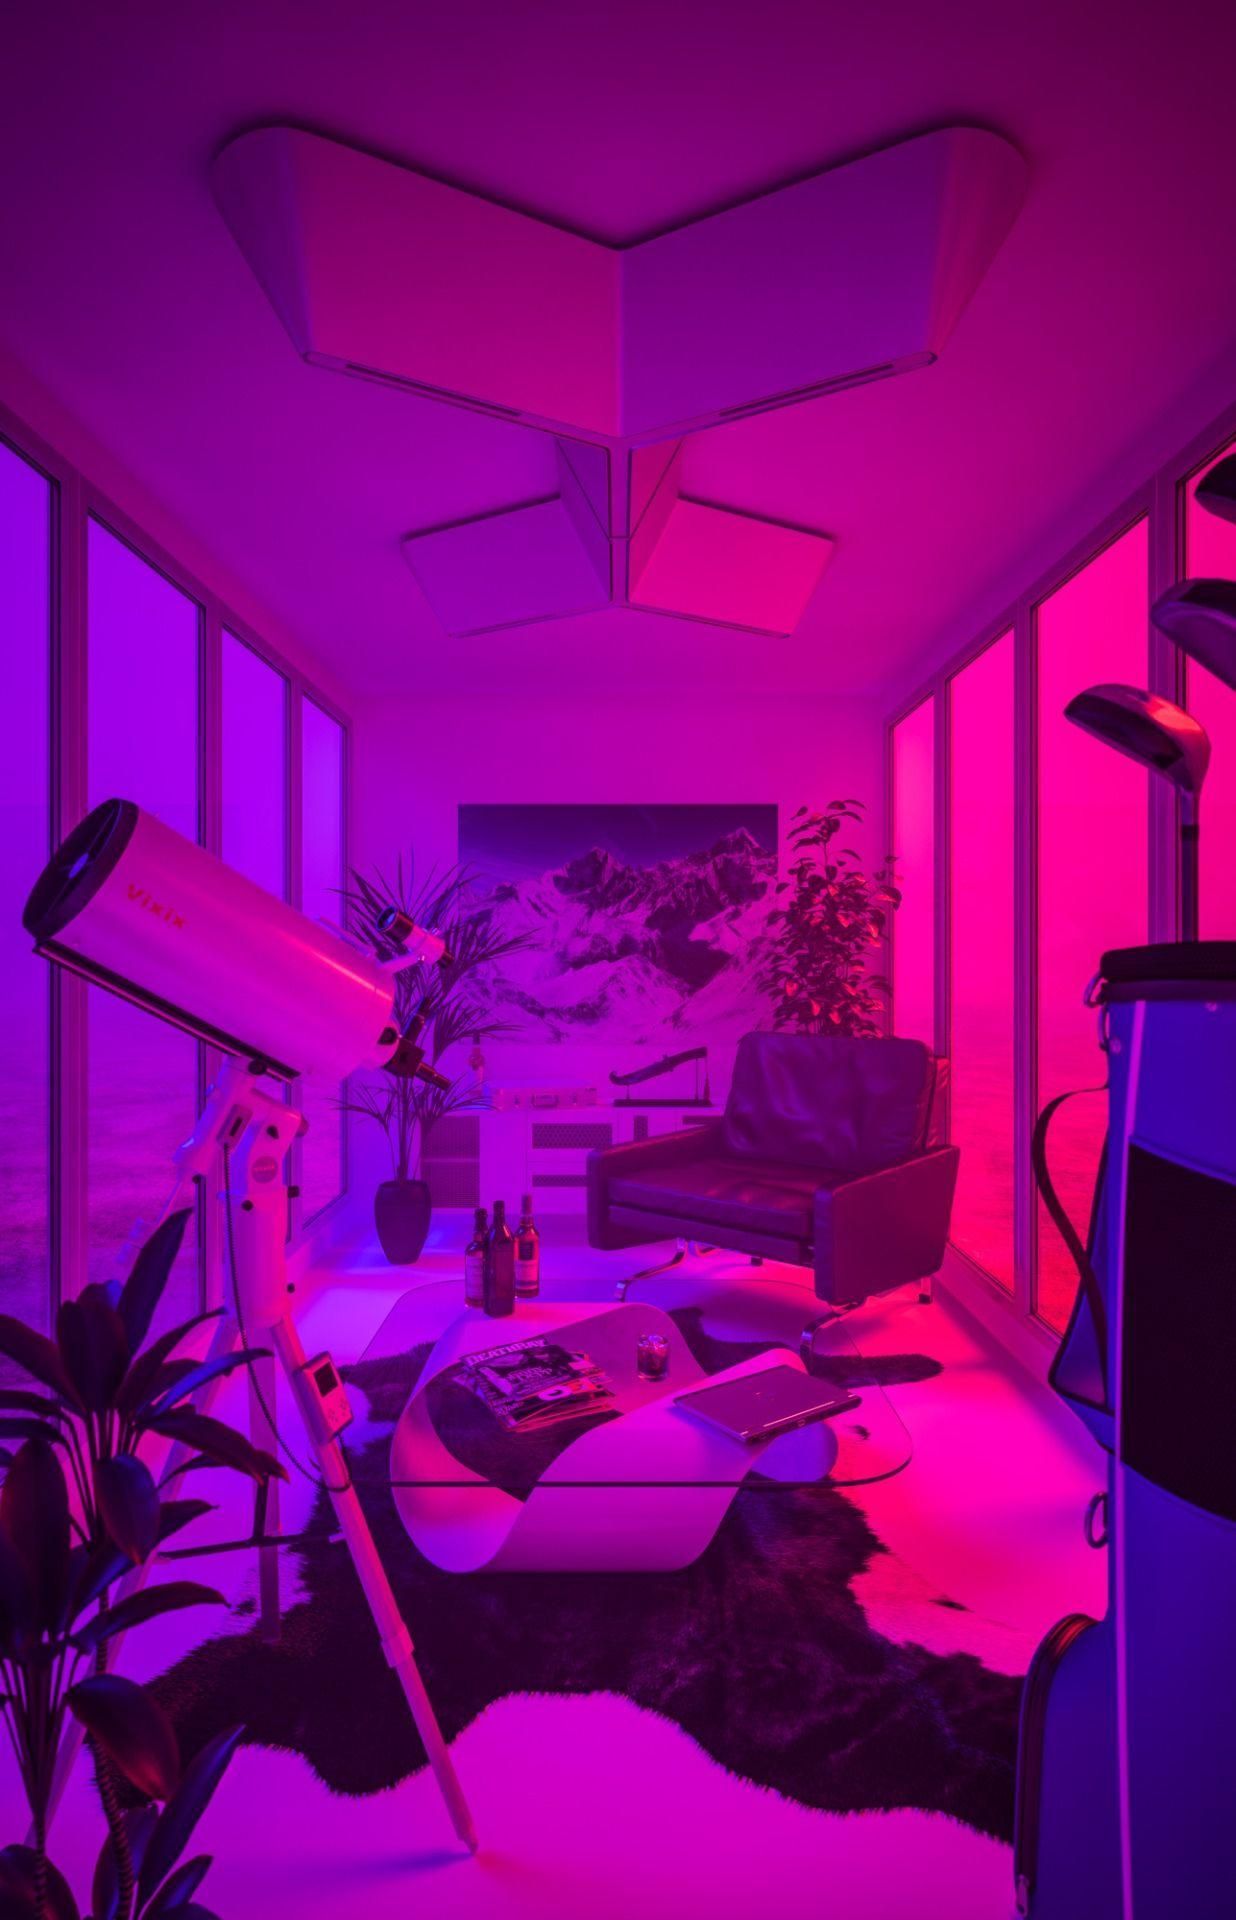 Esthetique Neon Rose Et Violet Papier Peint Chambre Tumblr 1236x1920 Wallpapertip